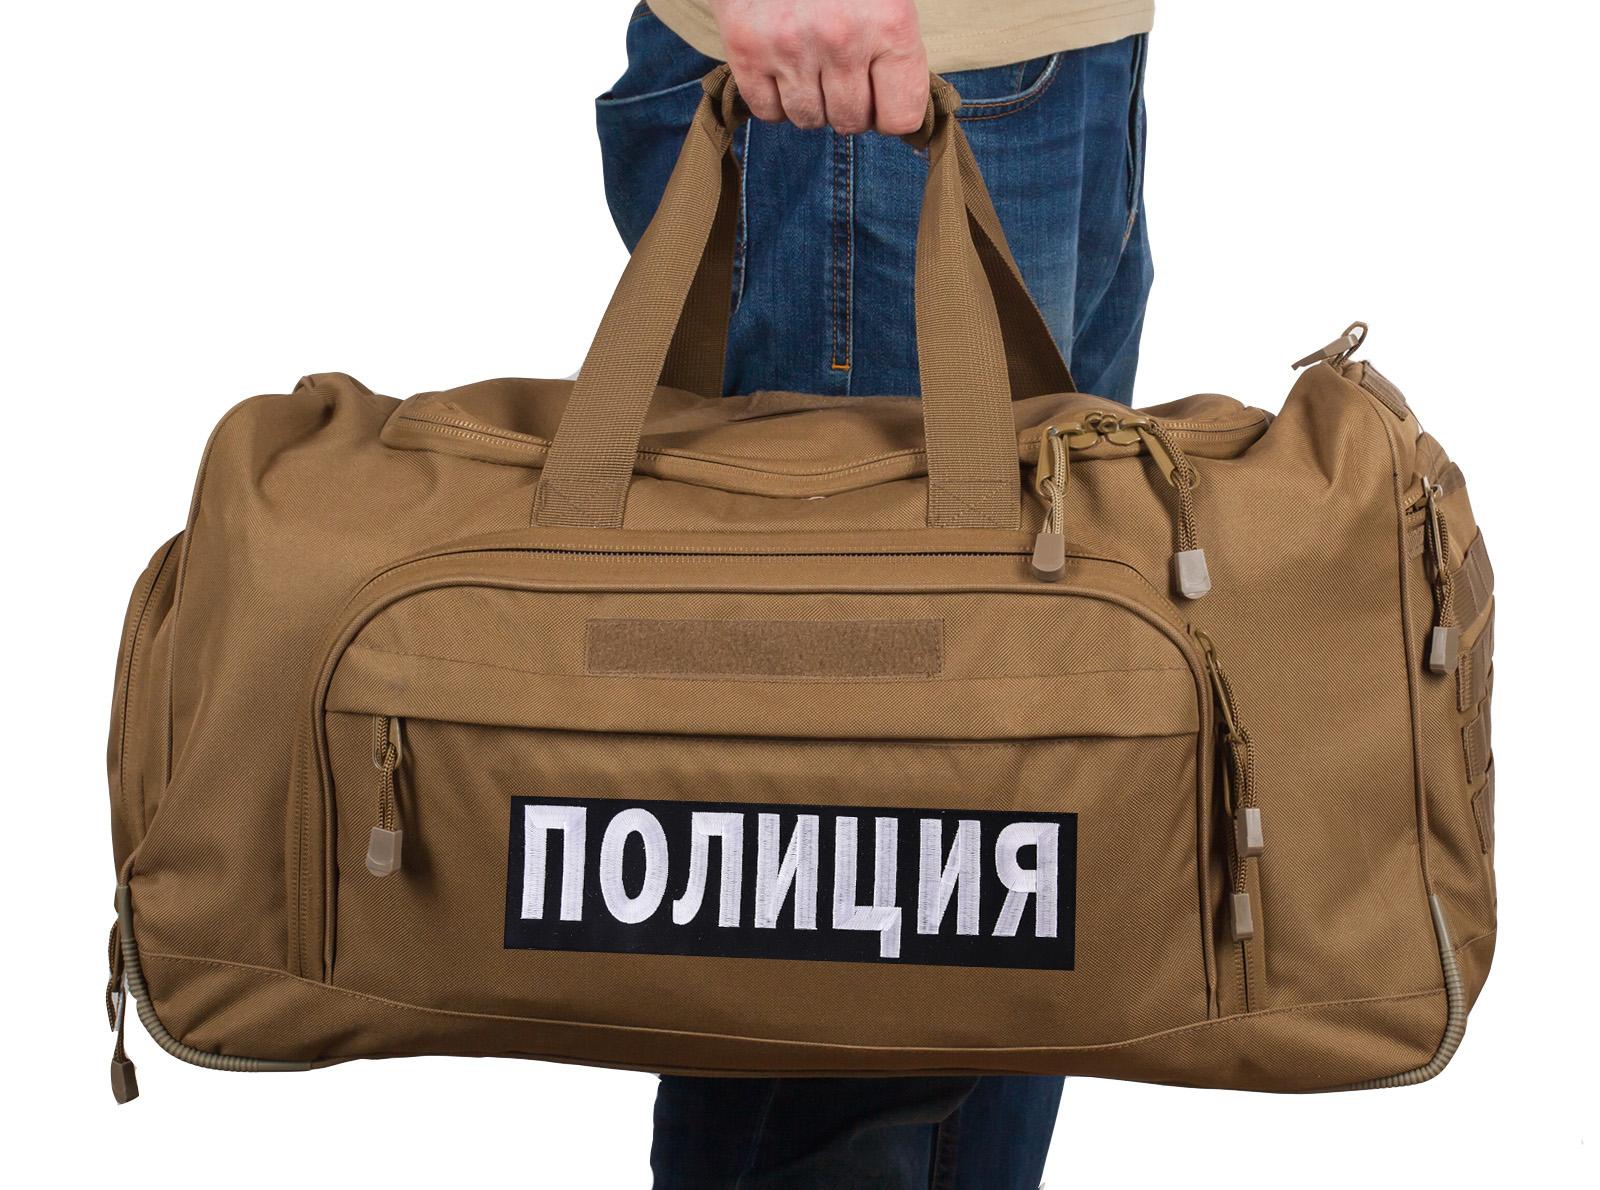 Купить вместительную походную сумку 08032B Coyote Полиция с доставкой по лучшей цене